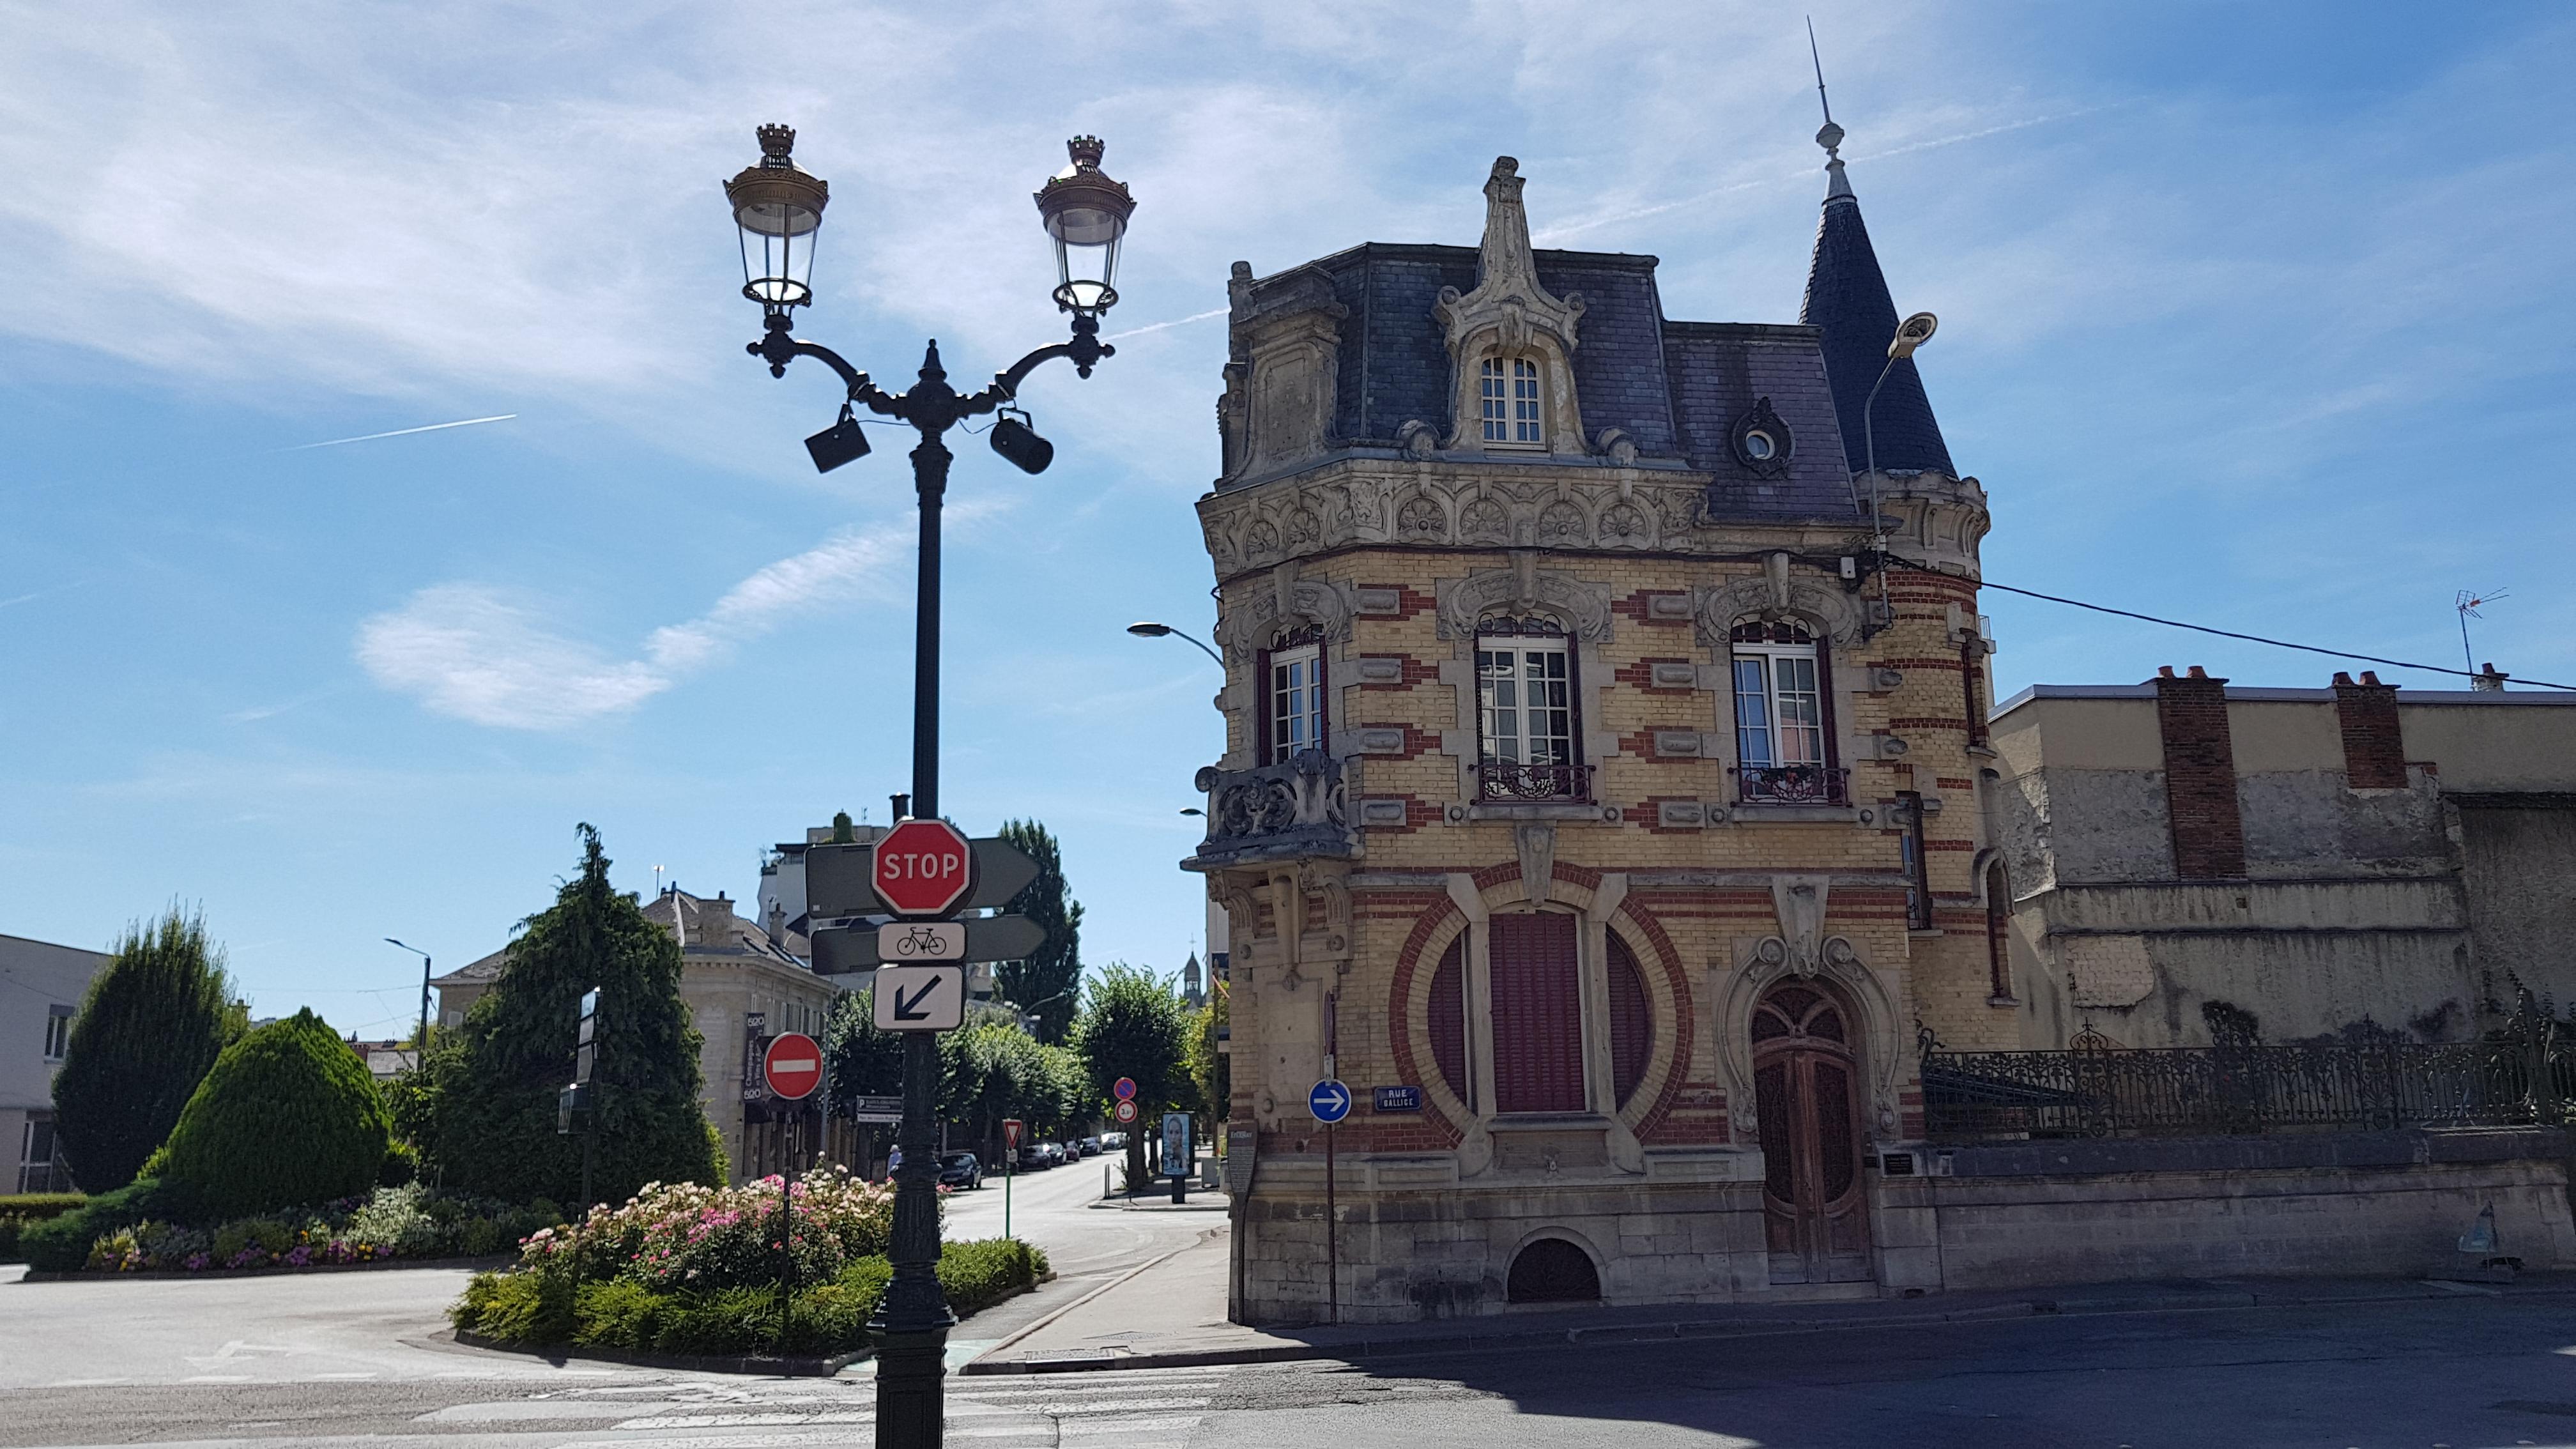 Roadtrip naar de Bourgognestreek: onze route & stops